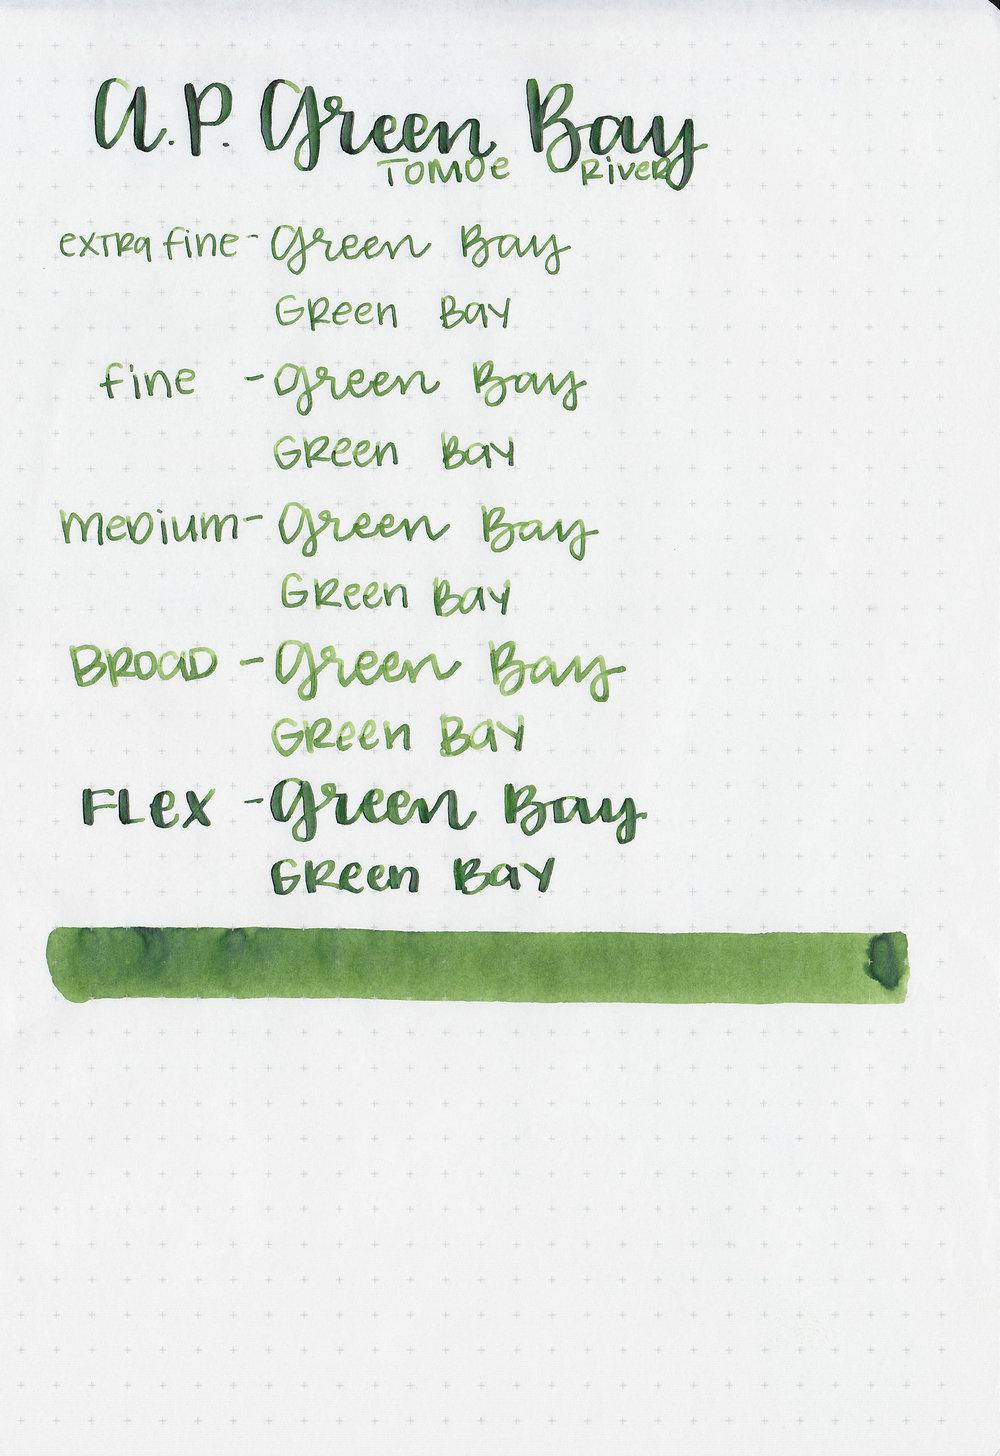 ap-green-bay-6.jpg